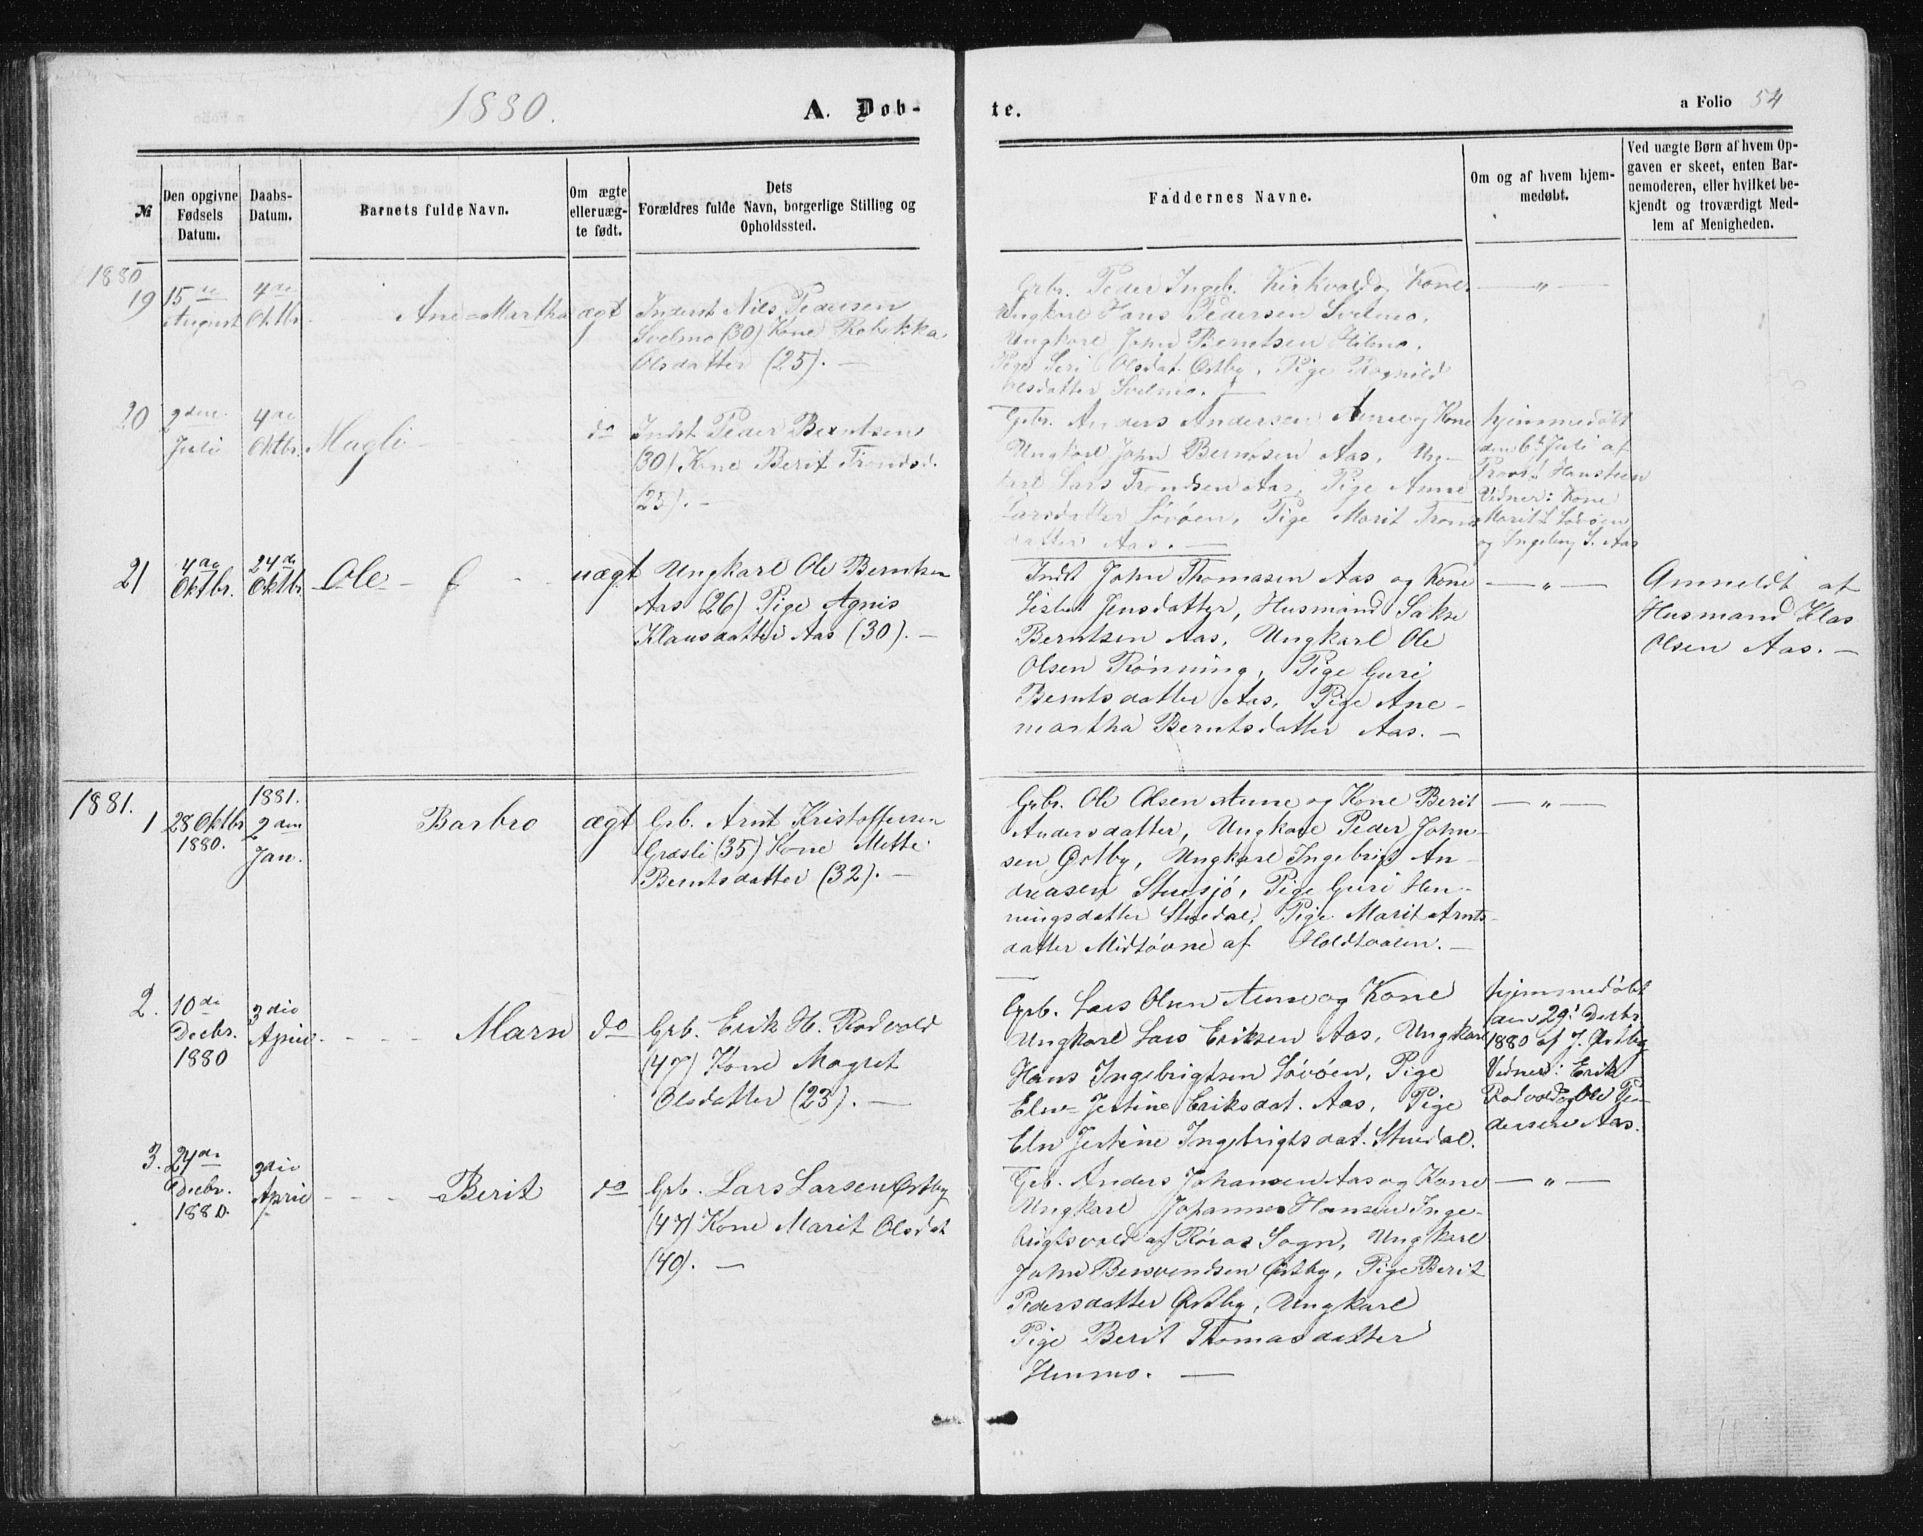 SAT, Ministerialprotokoller, klokkerbøker og fødselsregistre - Sør-Trøndelag, 698/L1166: Klokkerbok nr. 698C03, 1861-1887, s. 54